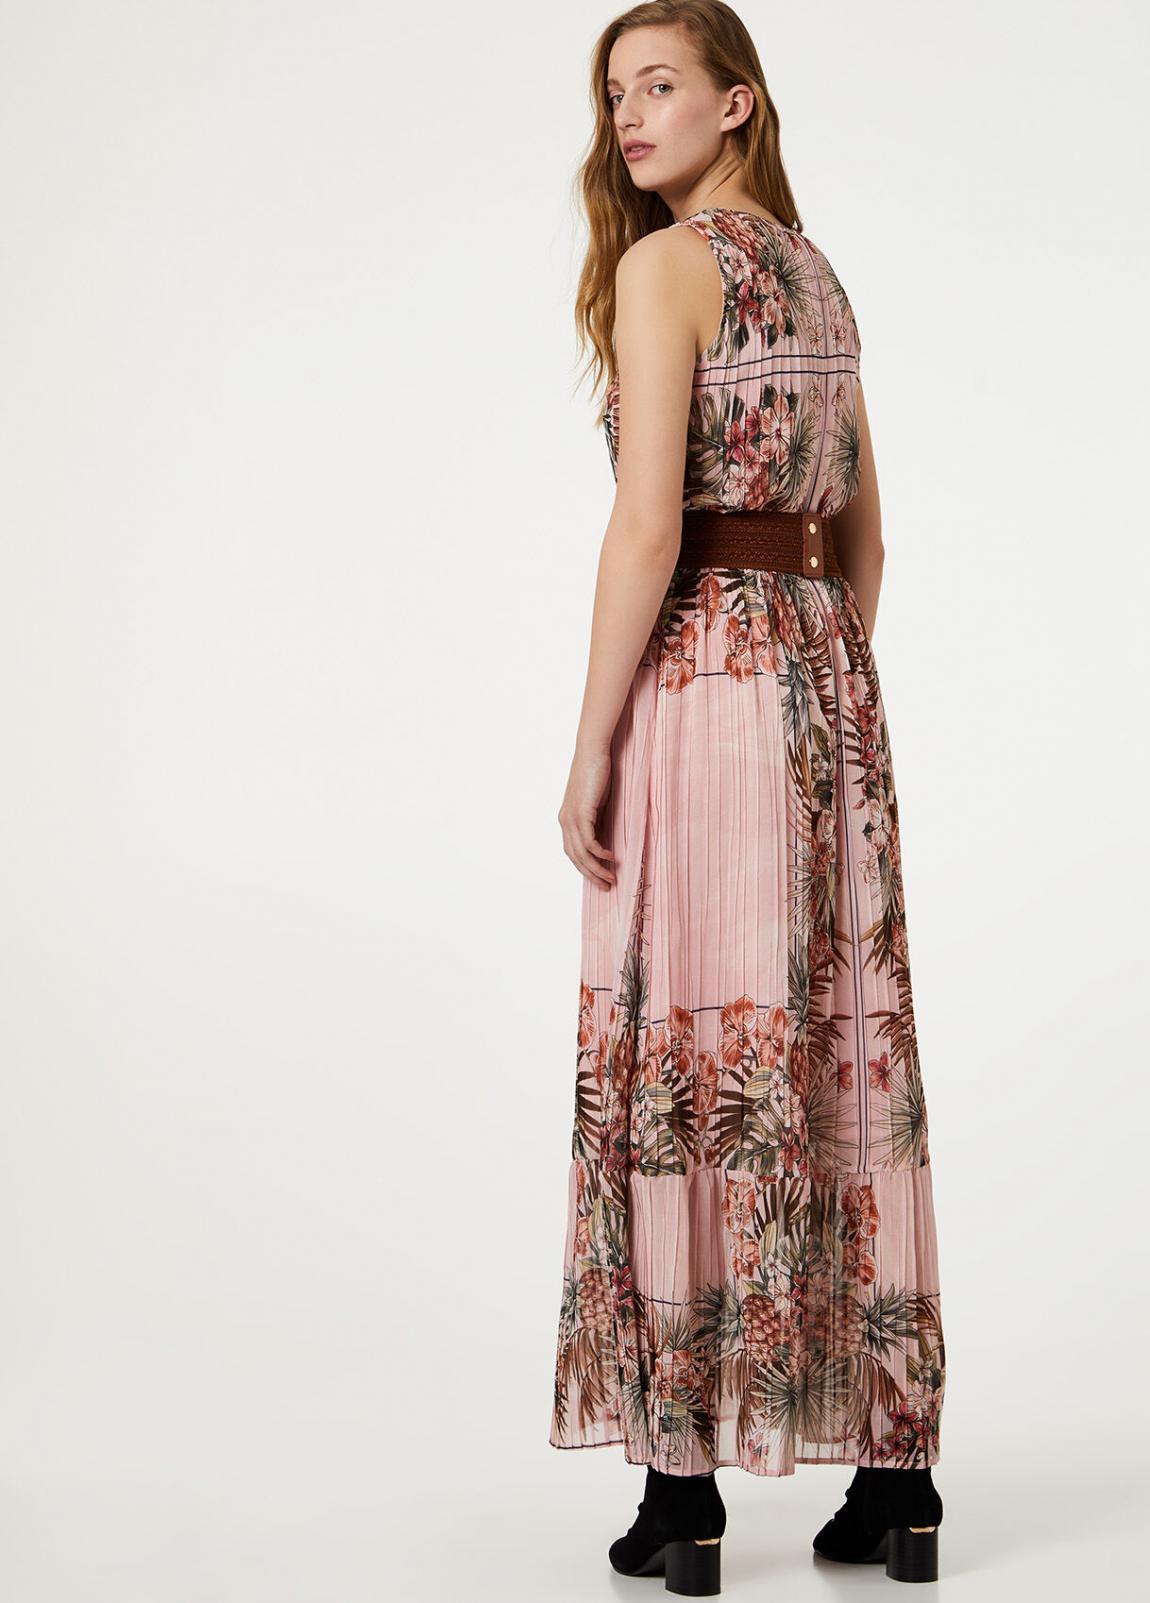 Damen Langes Kleid Mit Gürtel  Liu Jo Kleider — Pax Domini